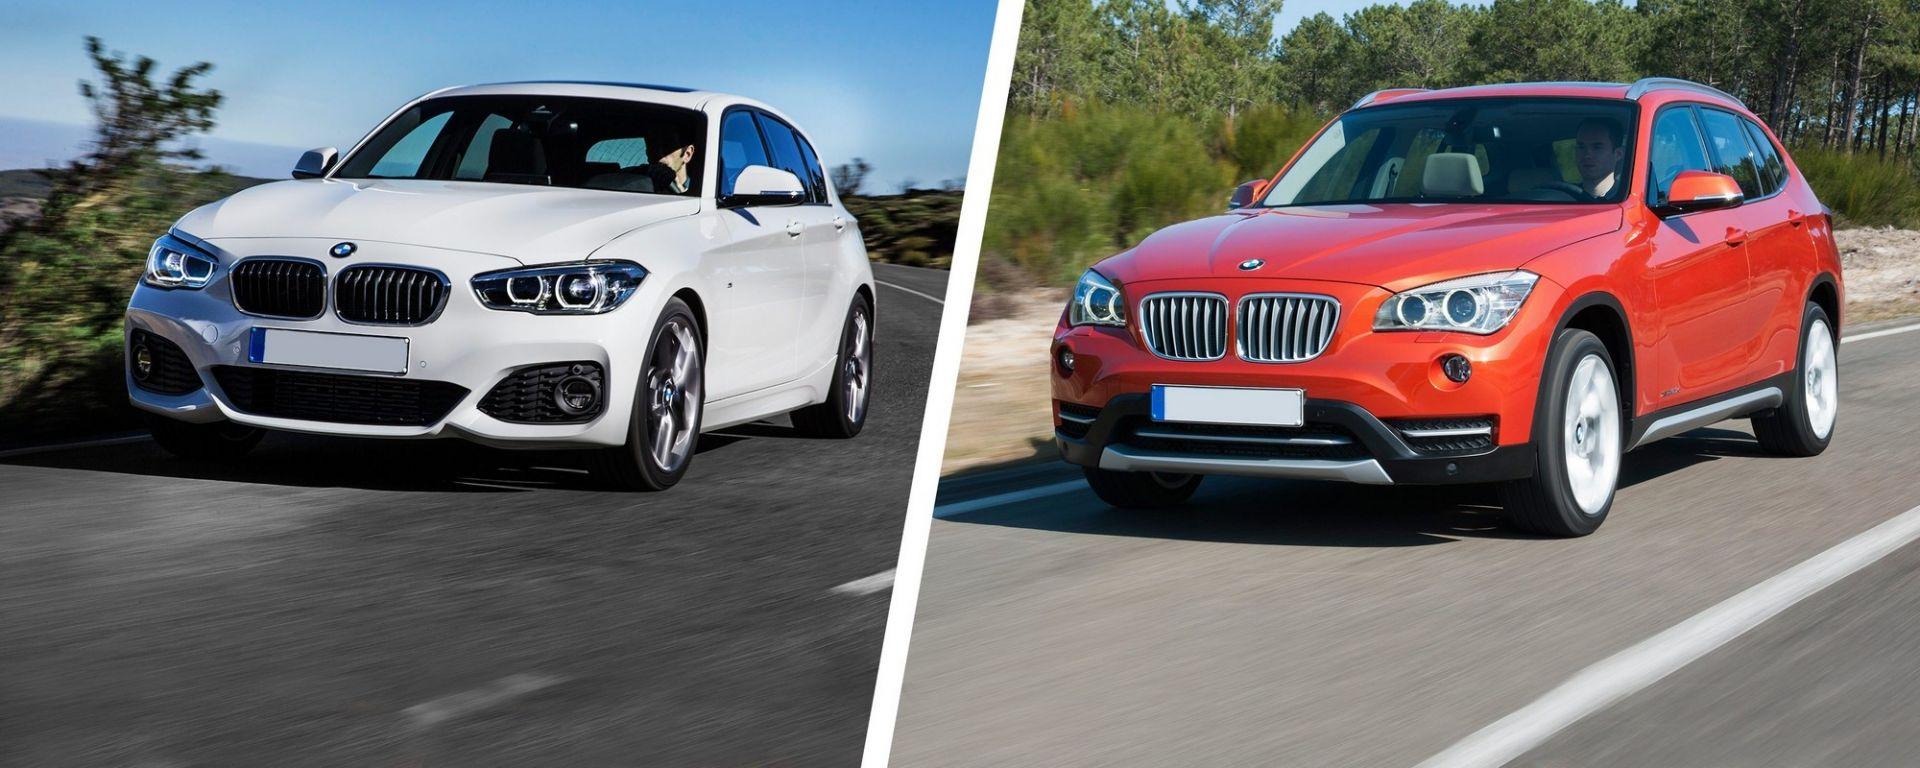 BMW Serie 1 e BMW X1, ambedue oggetto di richiami ufficiali. In UK